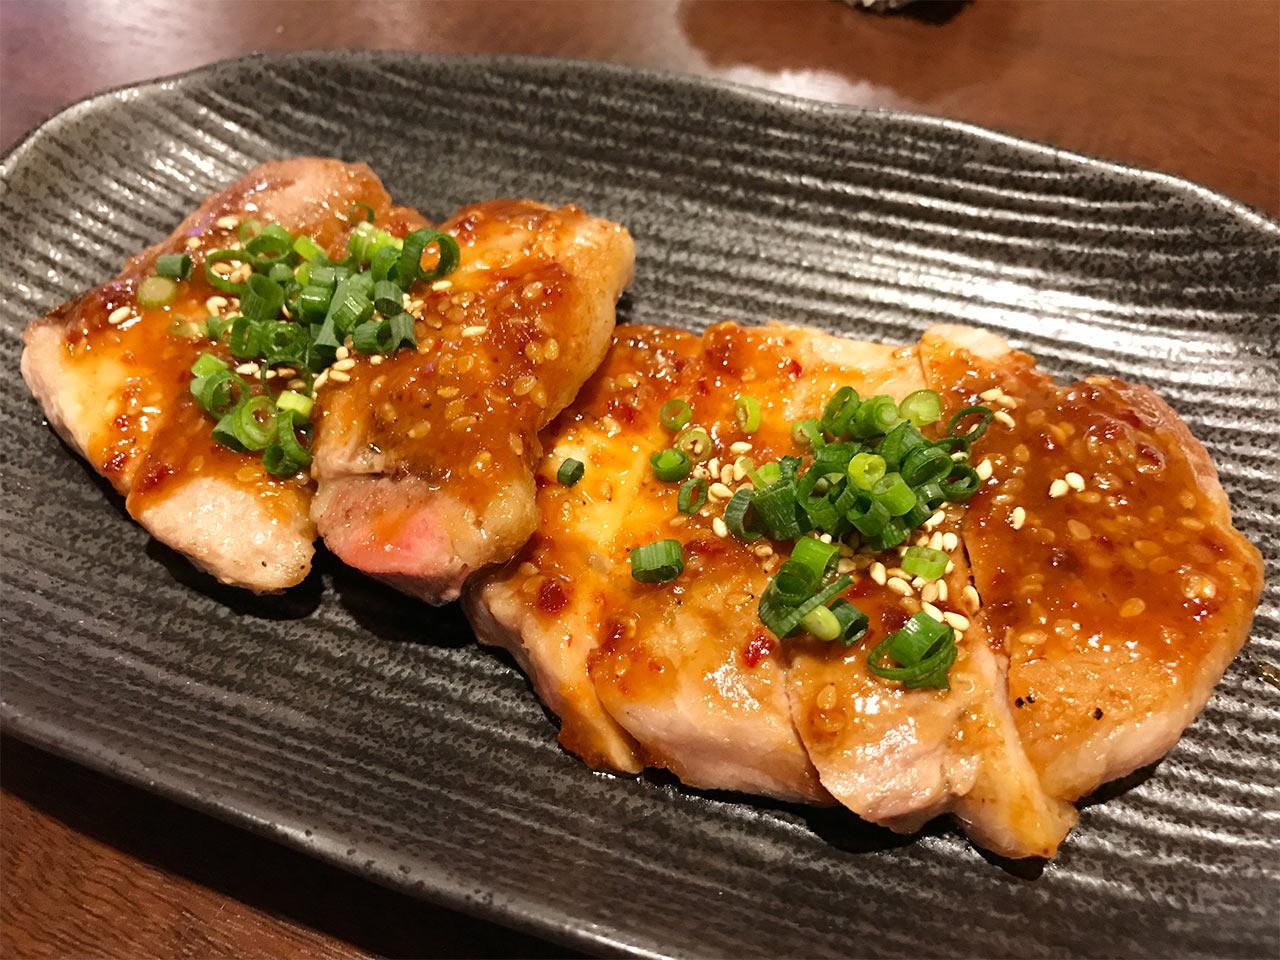 武蔵小山「ぴょん吉」の豚ロースの辛味噌焼き